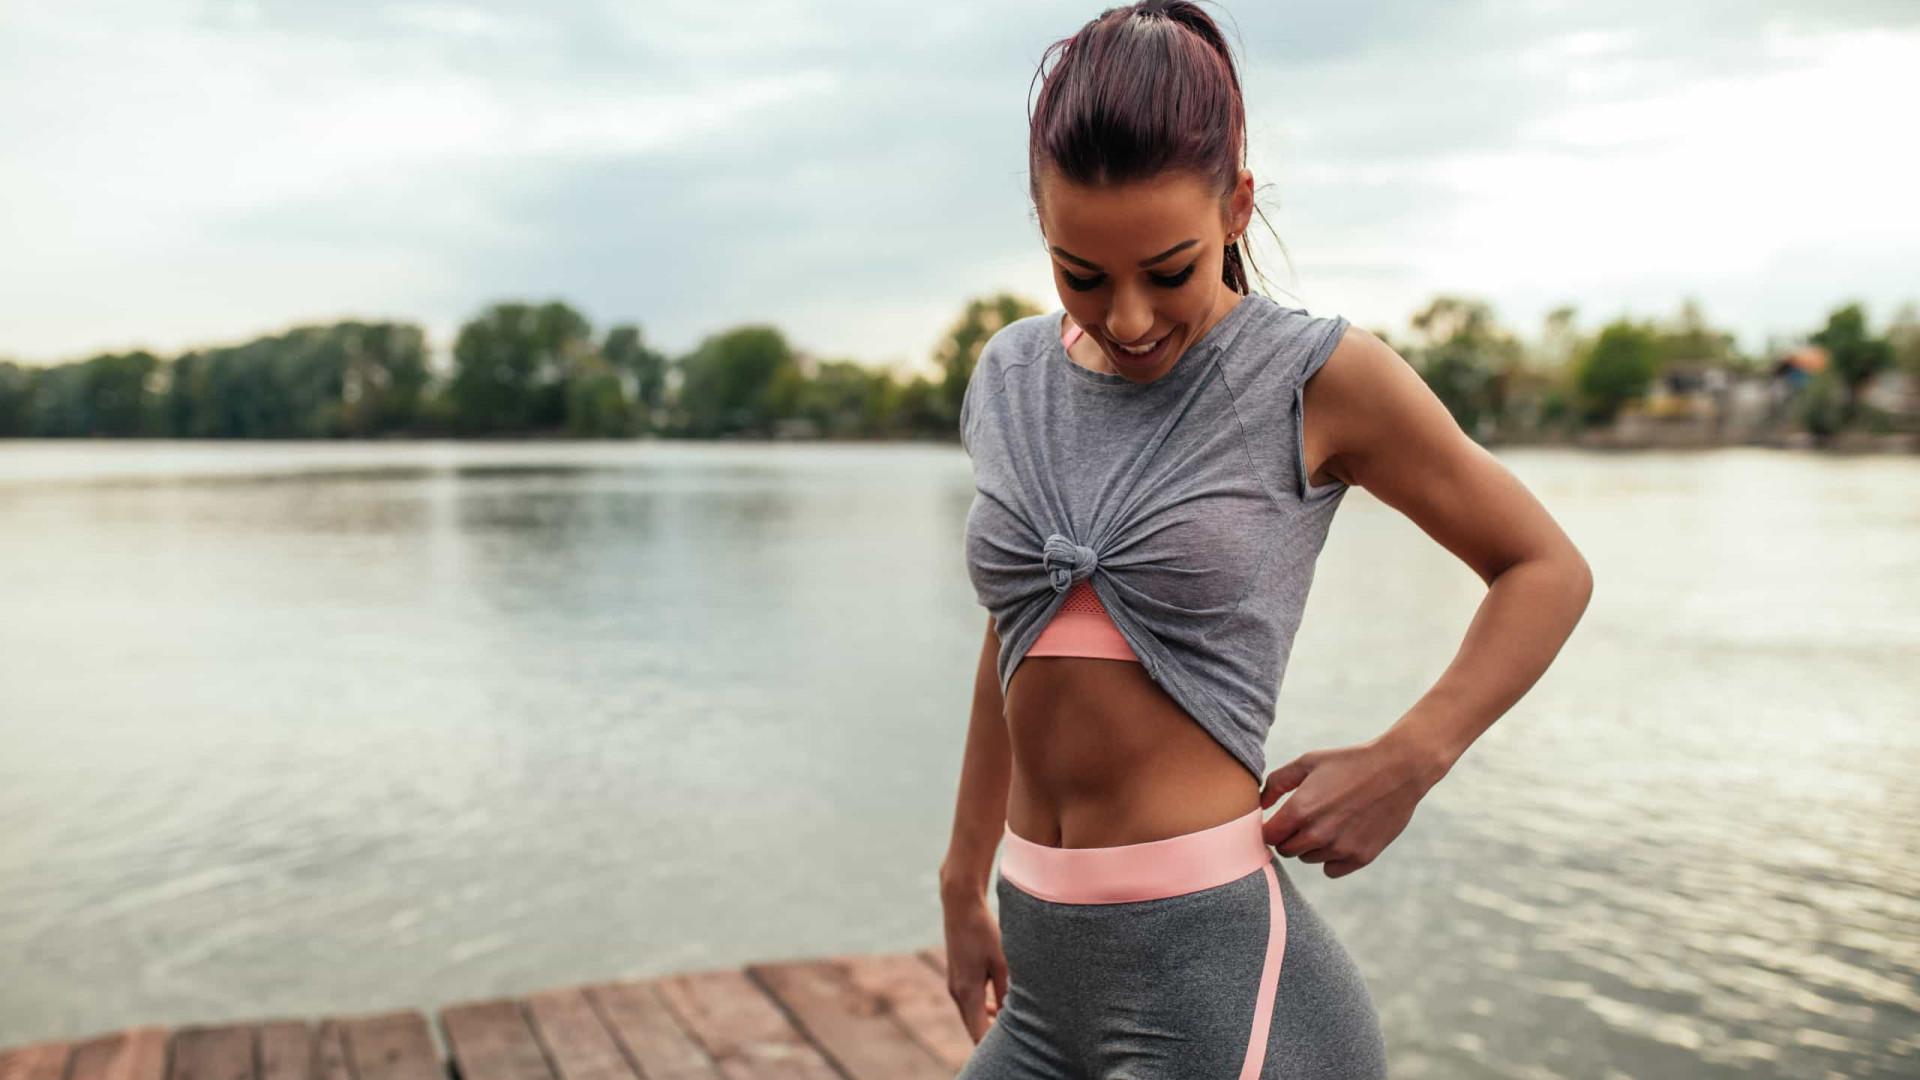 Sabe qual o horário em que o corpo queima mais calorias?